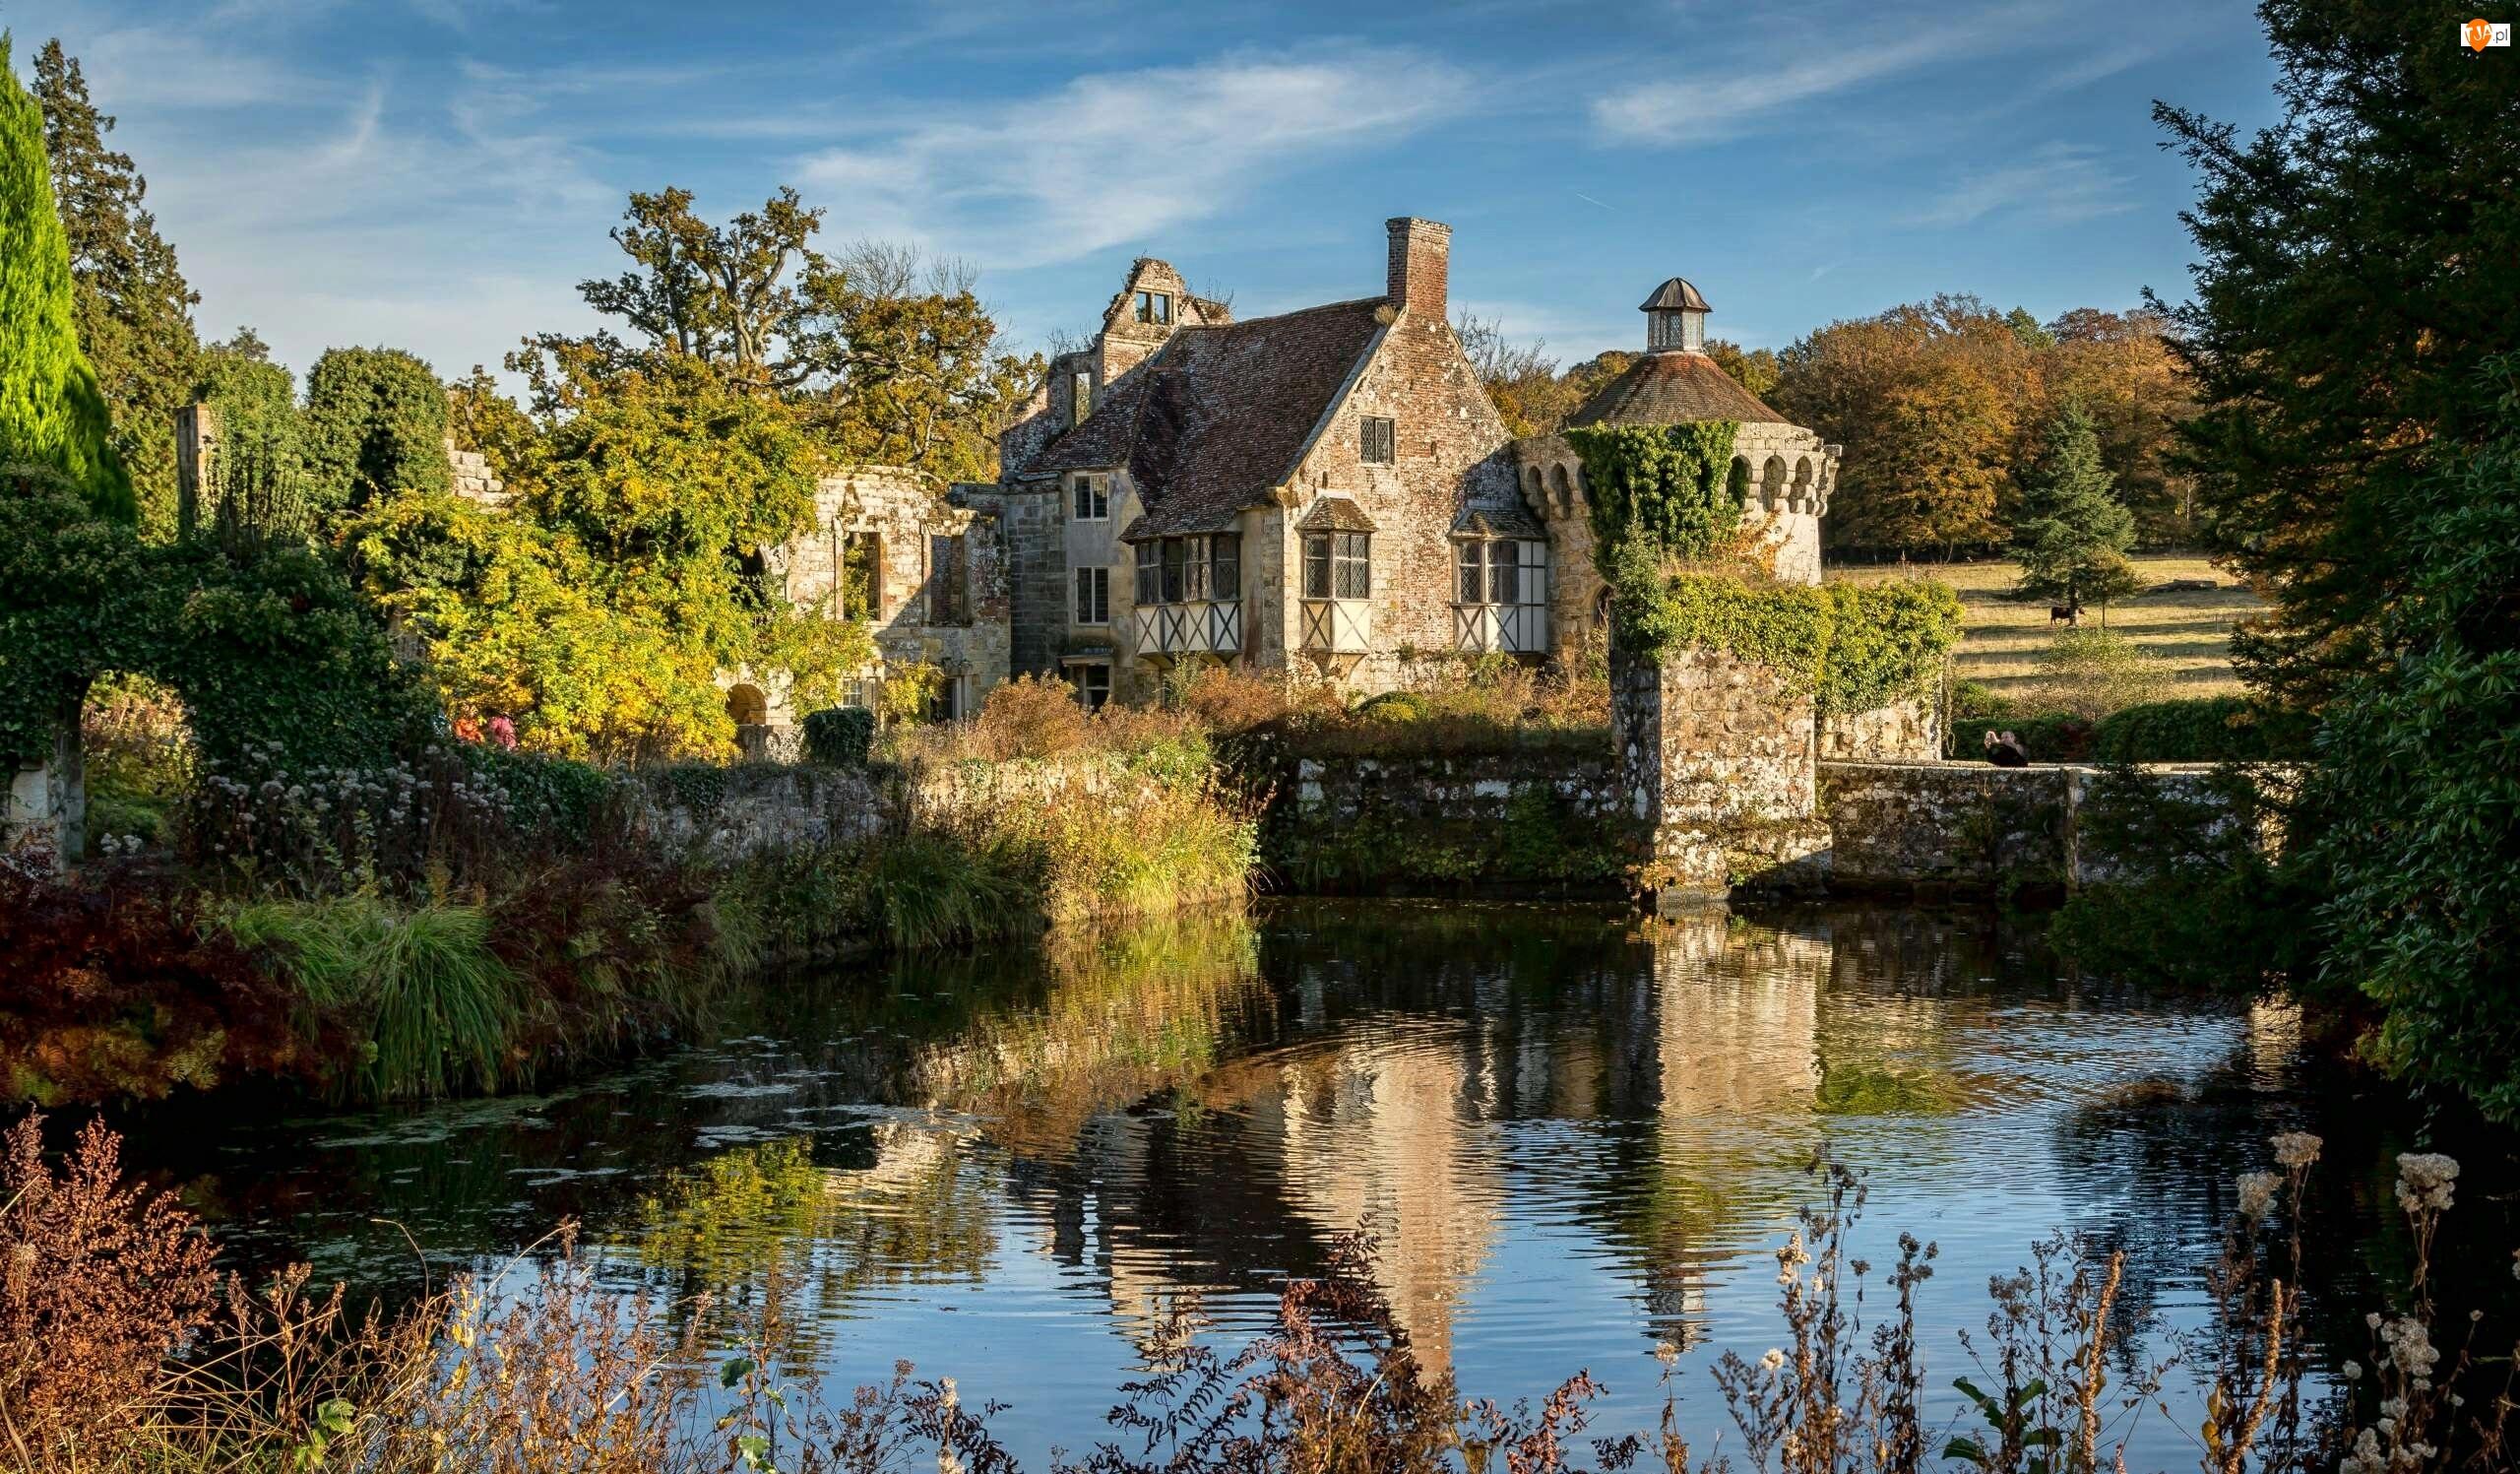 Scotney Castle, Anglia, Dworek, Drzewa, Hrabstwo Kent, Rezydencja, Staw, Wieś Lamberhurst